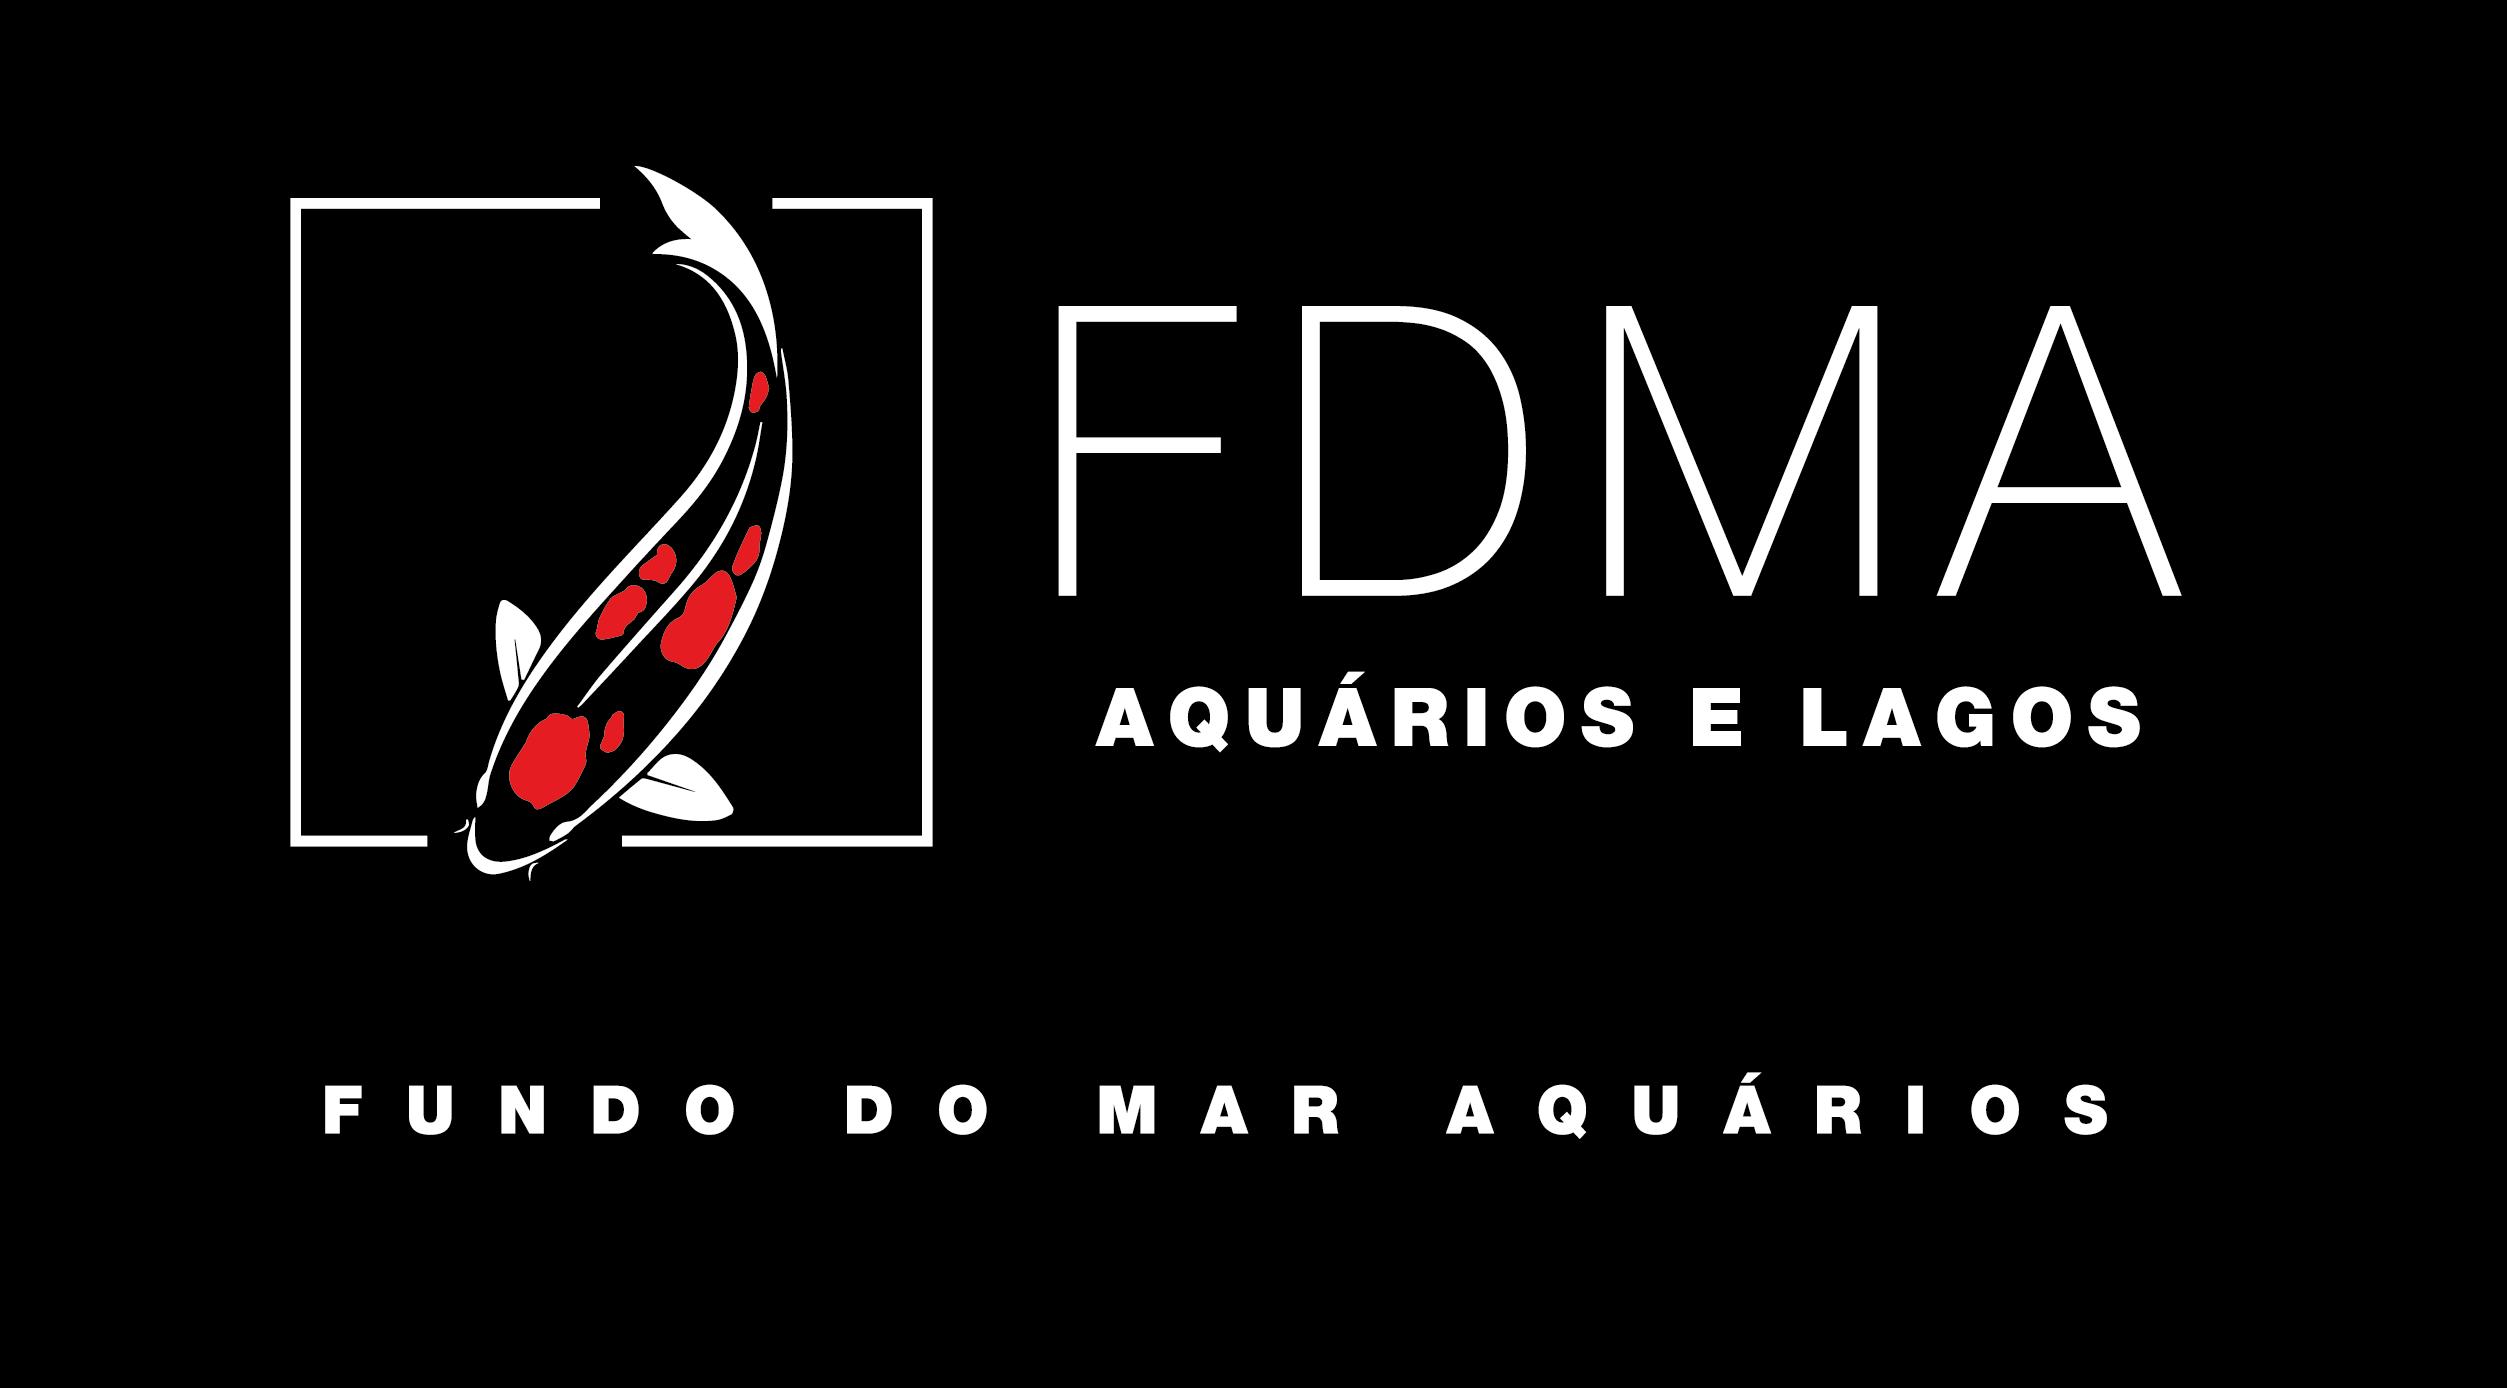 FUNDO DO MAR AQUÁRIOS